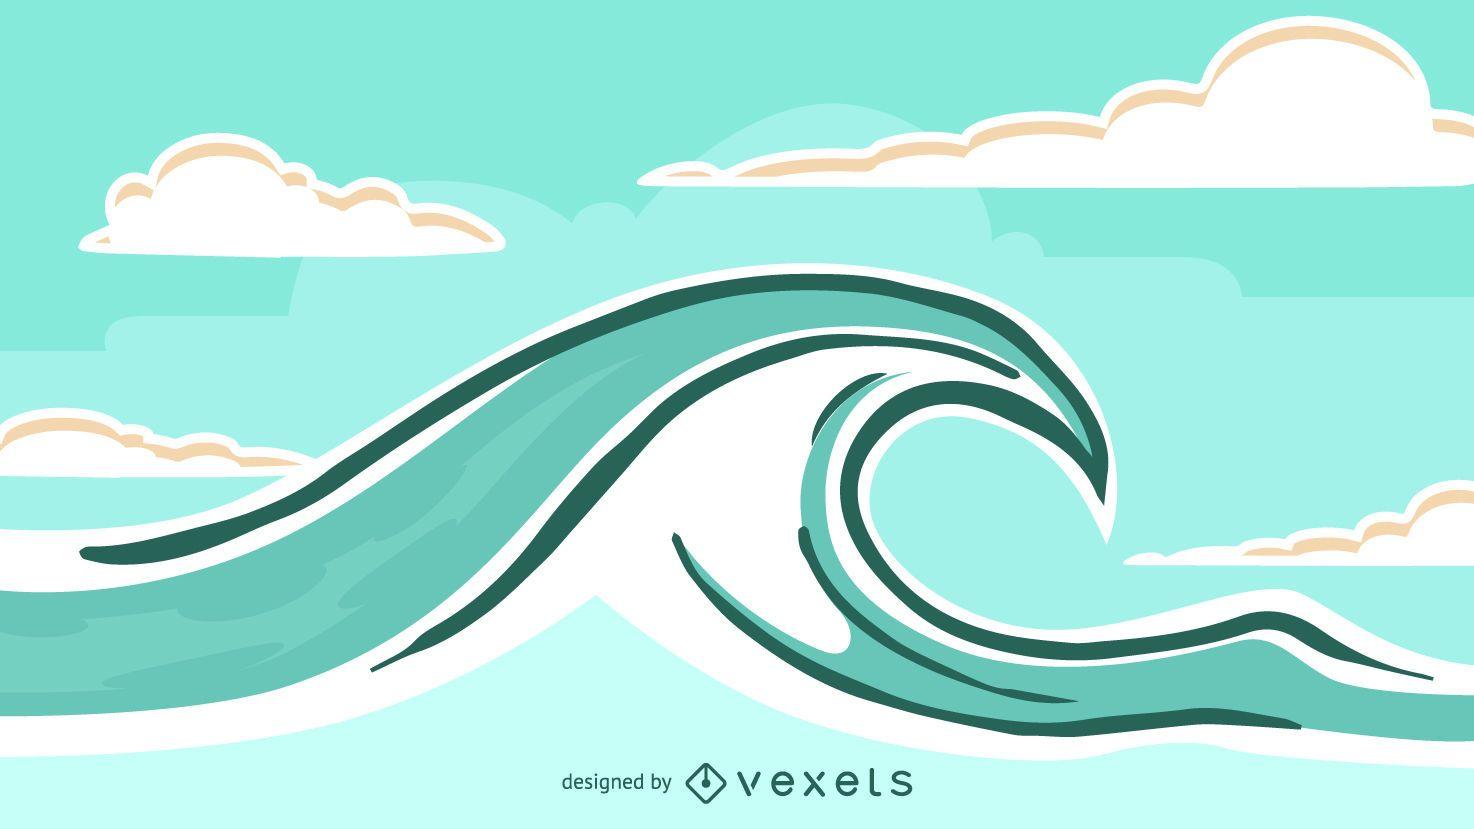 Landscape Illustration Vector Free: Waves Landscape Illustration